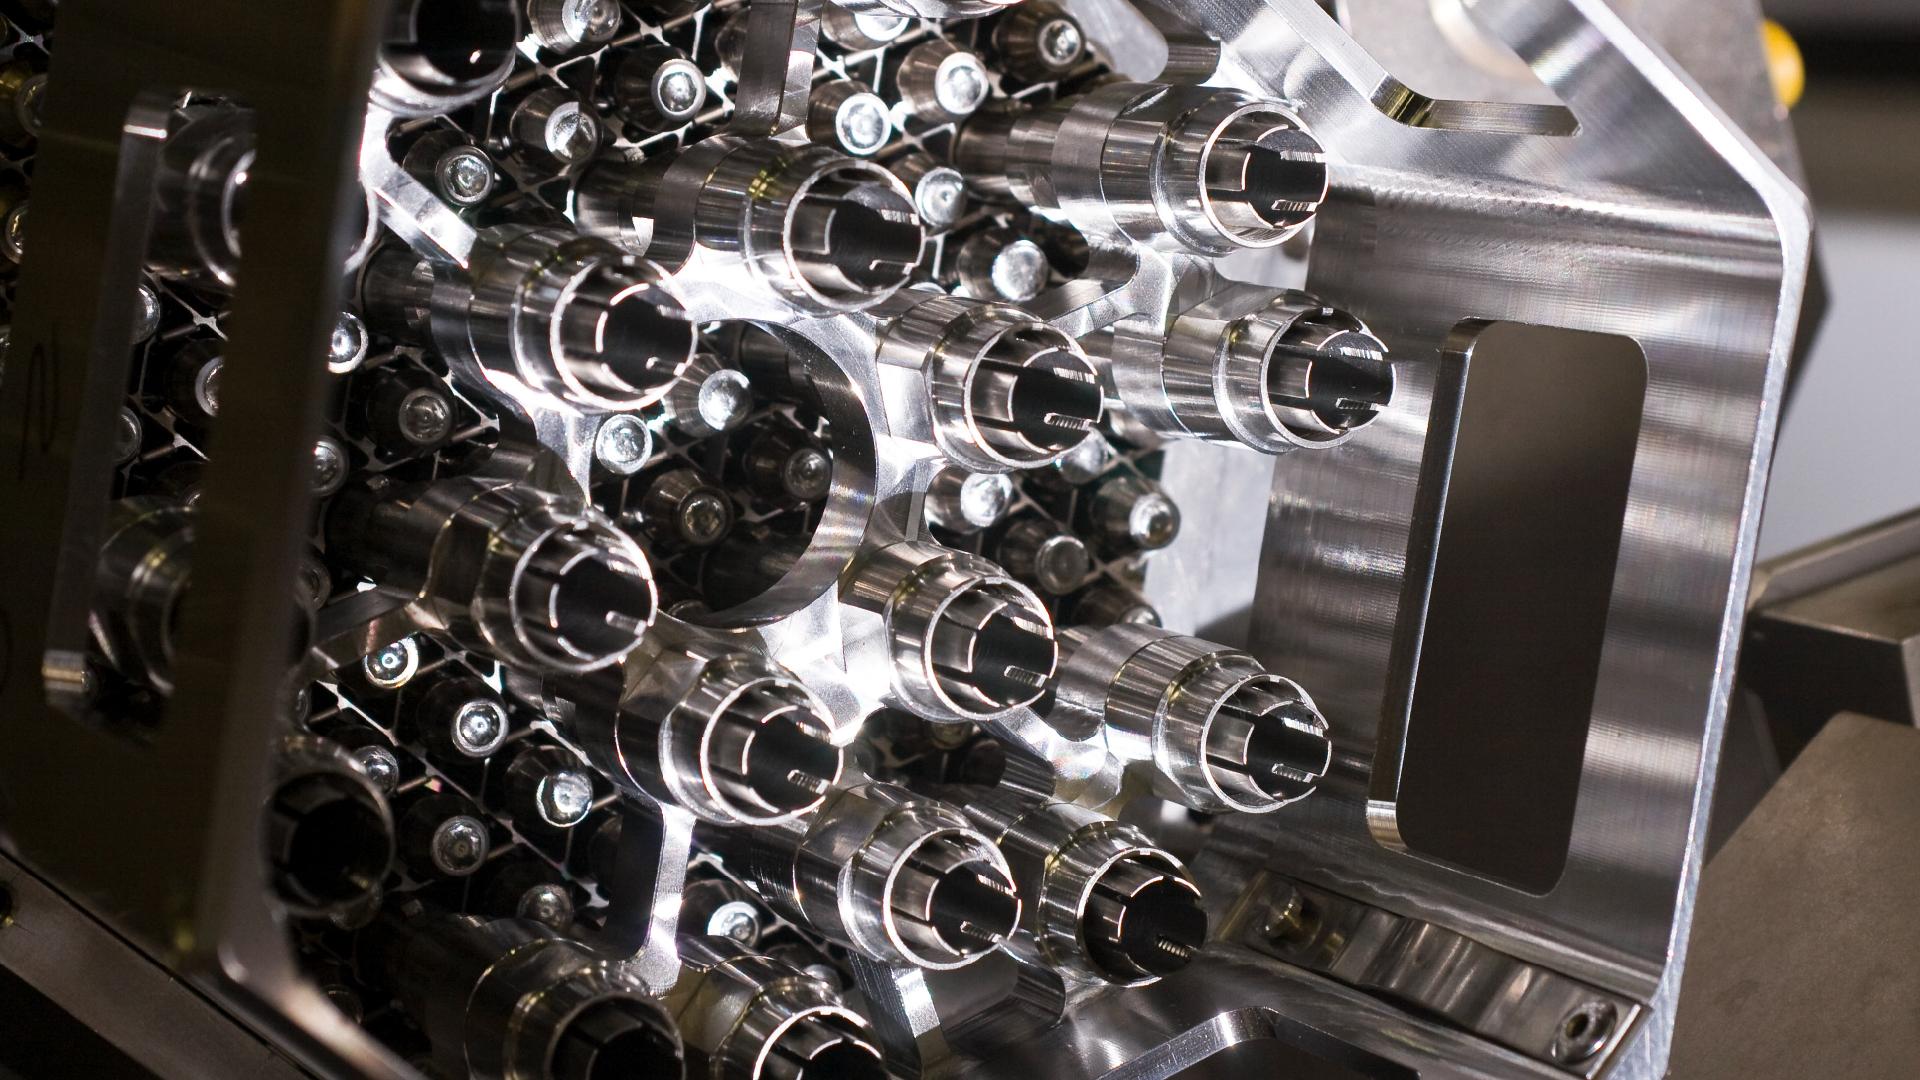 Prototipo del combustible correspondiente a la Central Nuclear CAREM de la CNEA. Tope y separador.